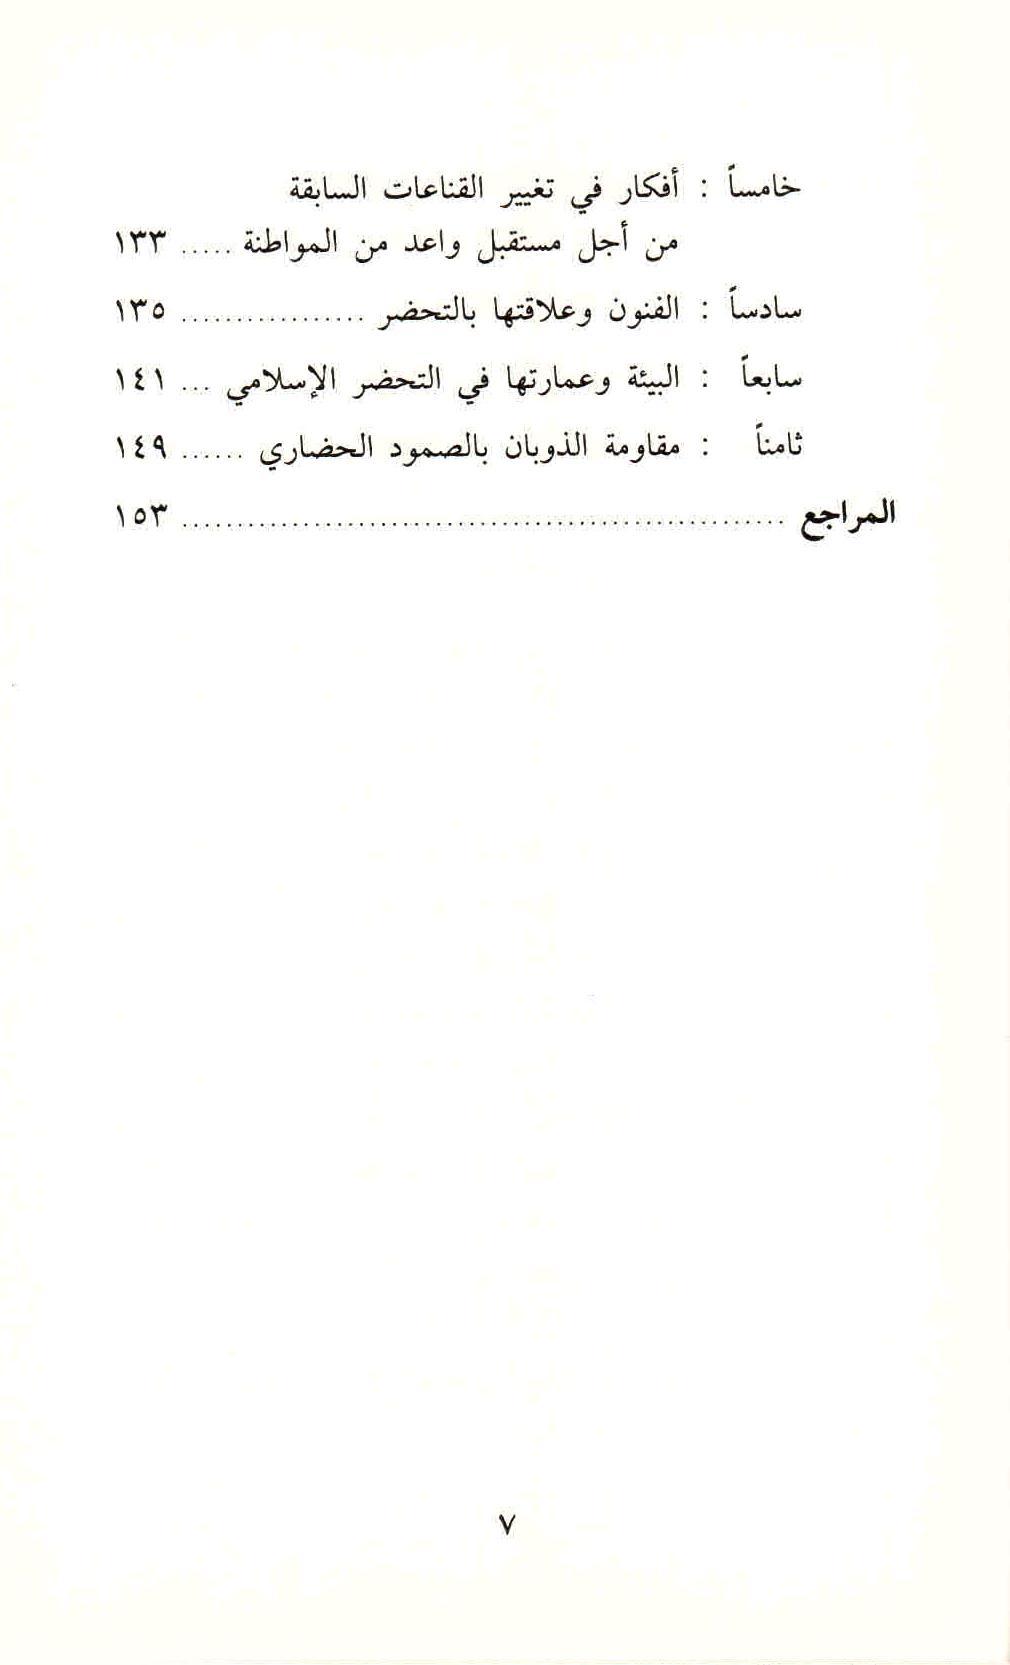 ص 7محتويات كتاب الوعي الحضاري